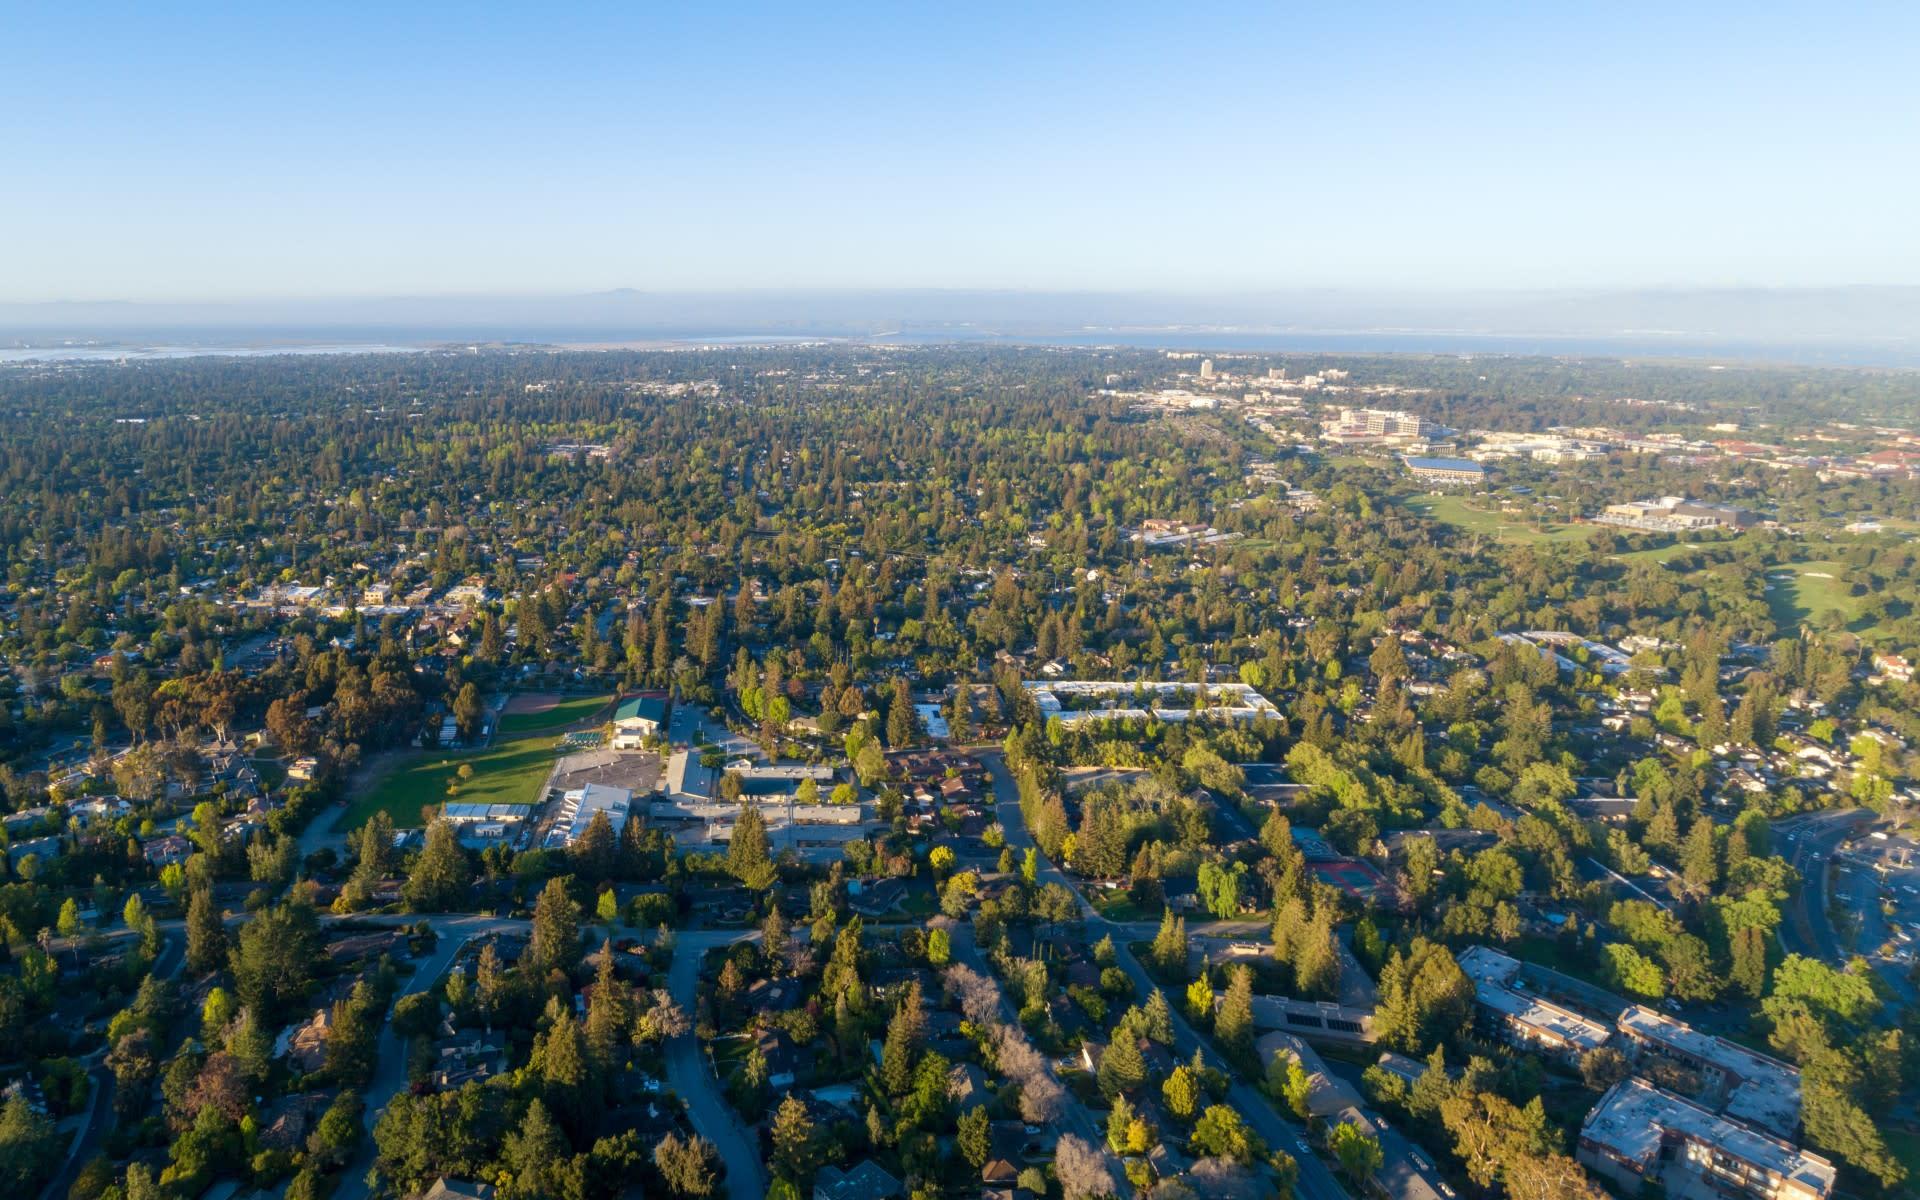 Menlo Park image